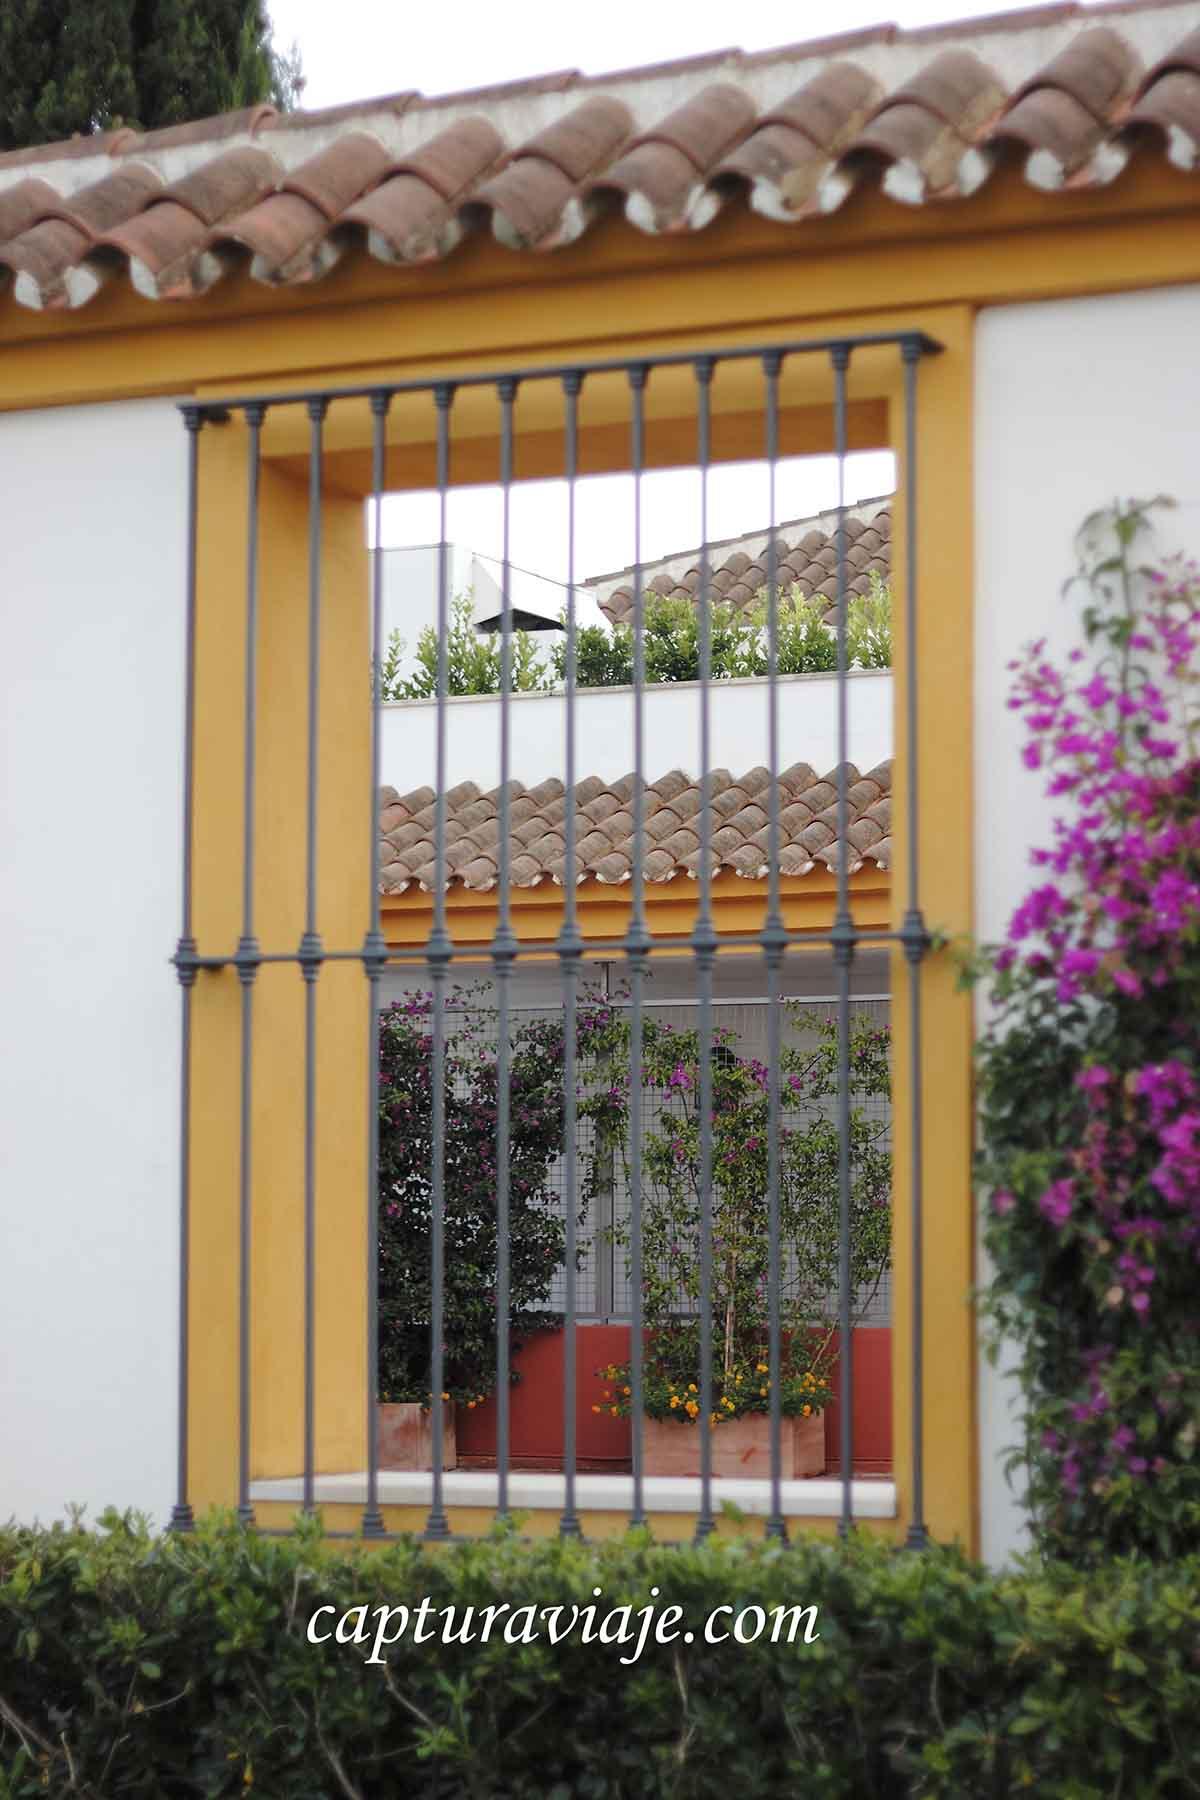 Patio andaluz hotel castellar capturaviaje - Un patio andaluz ...